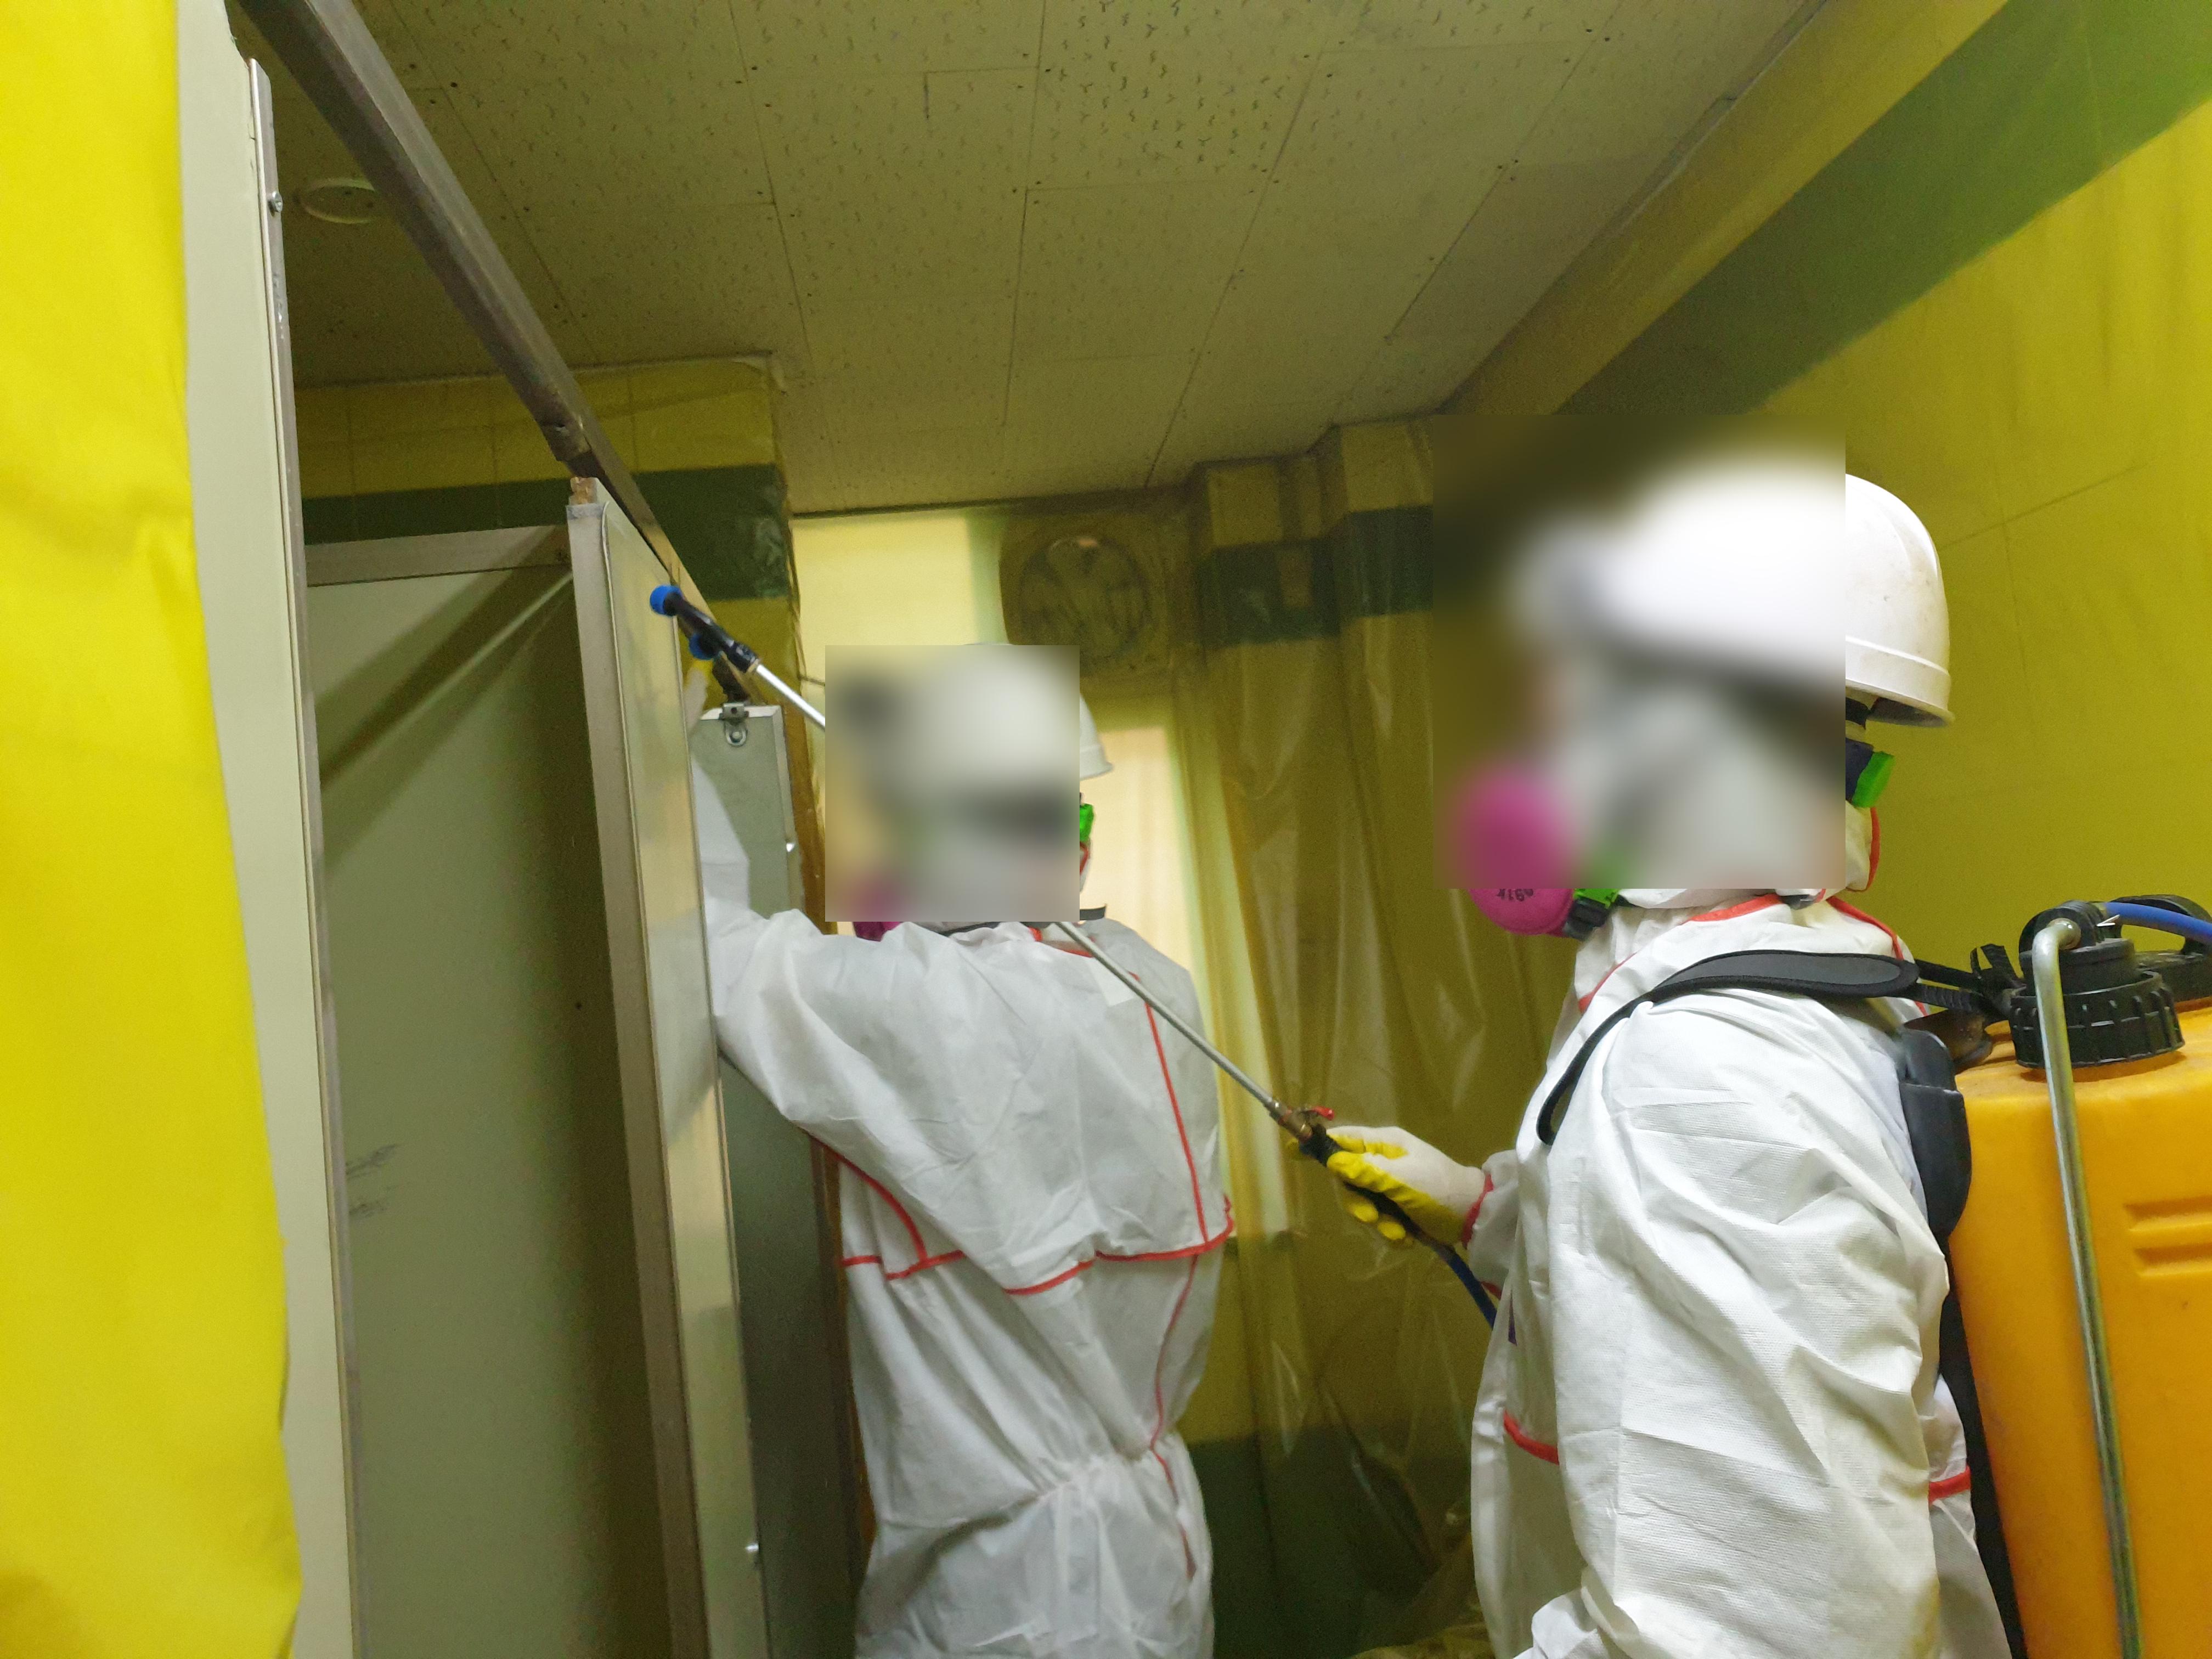 16 번째 사진  에  연면적264.94 ㎡ 브니엘예술고등학교 화장실 밤라이트, 석면텍스 해체 작업